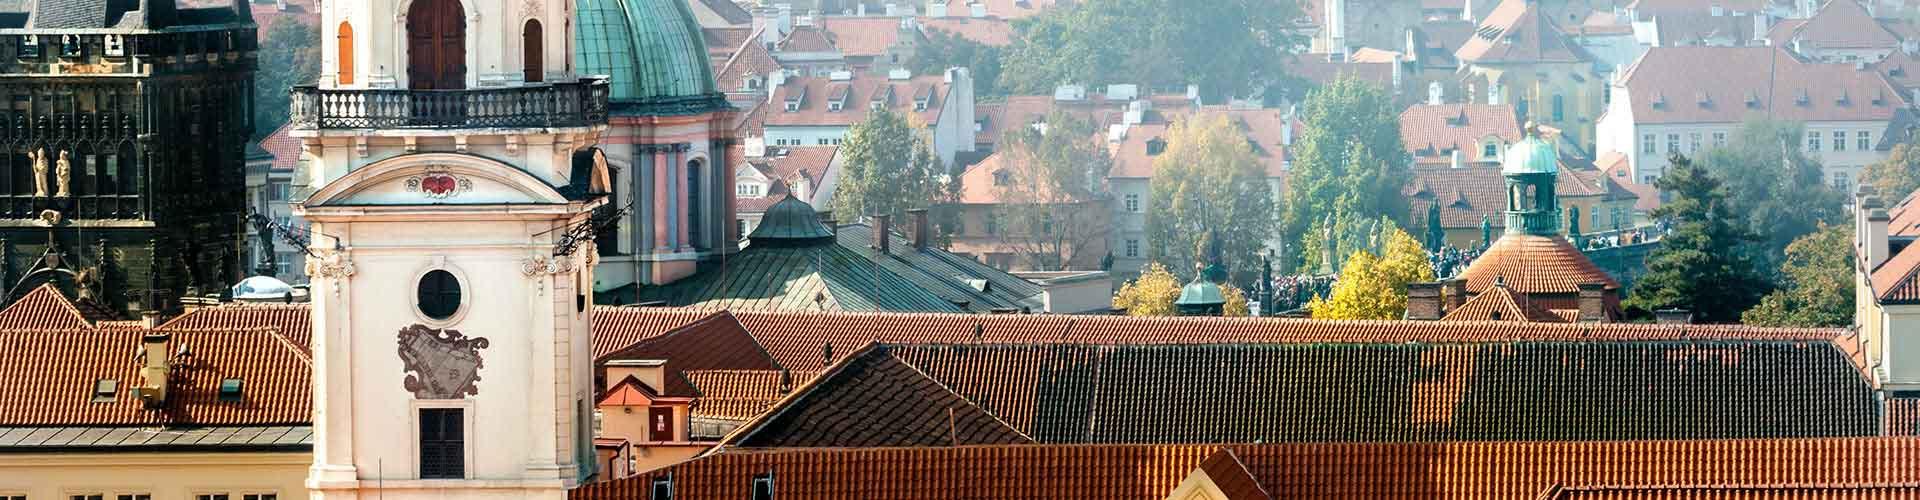 Prag – Hostels in der Nähe von Clementinum. Prag auf der Karte. Fotos und Bewertungen für jedes Hostel in Prag.